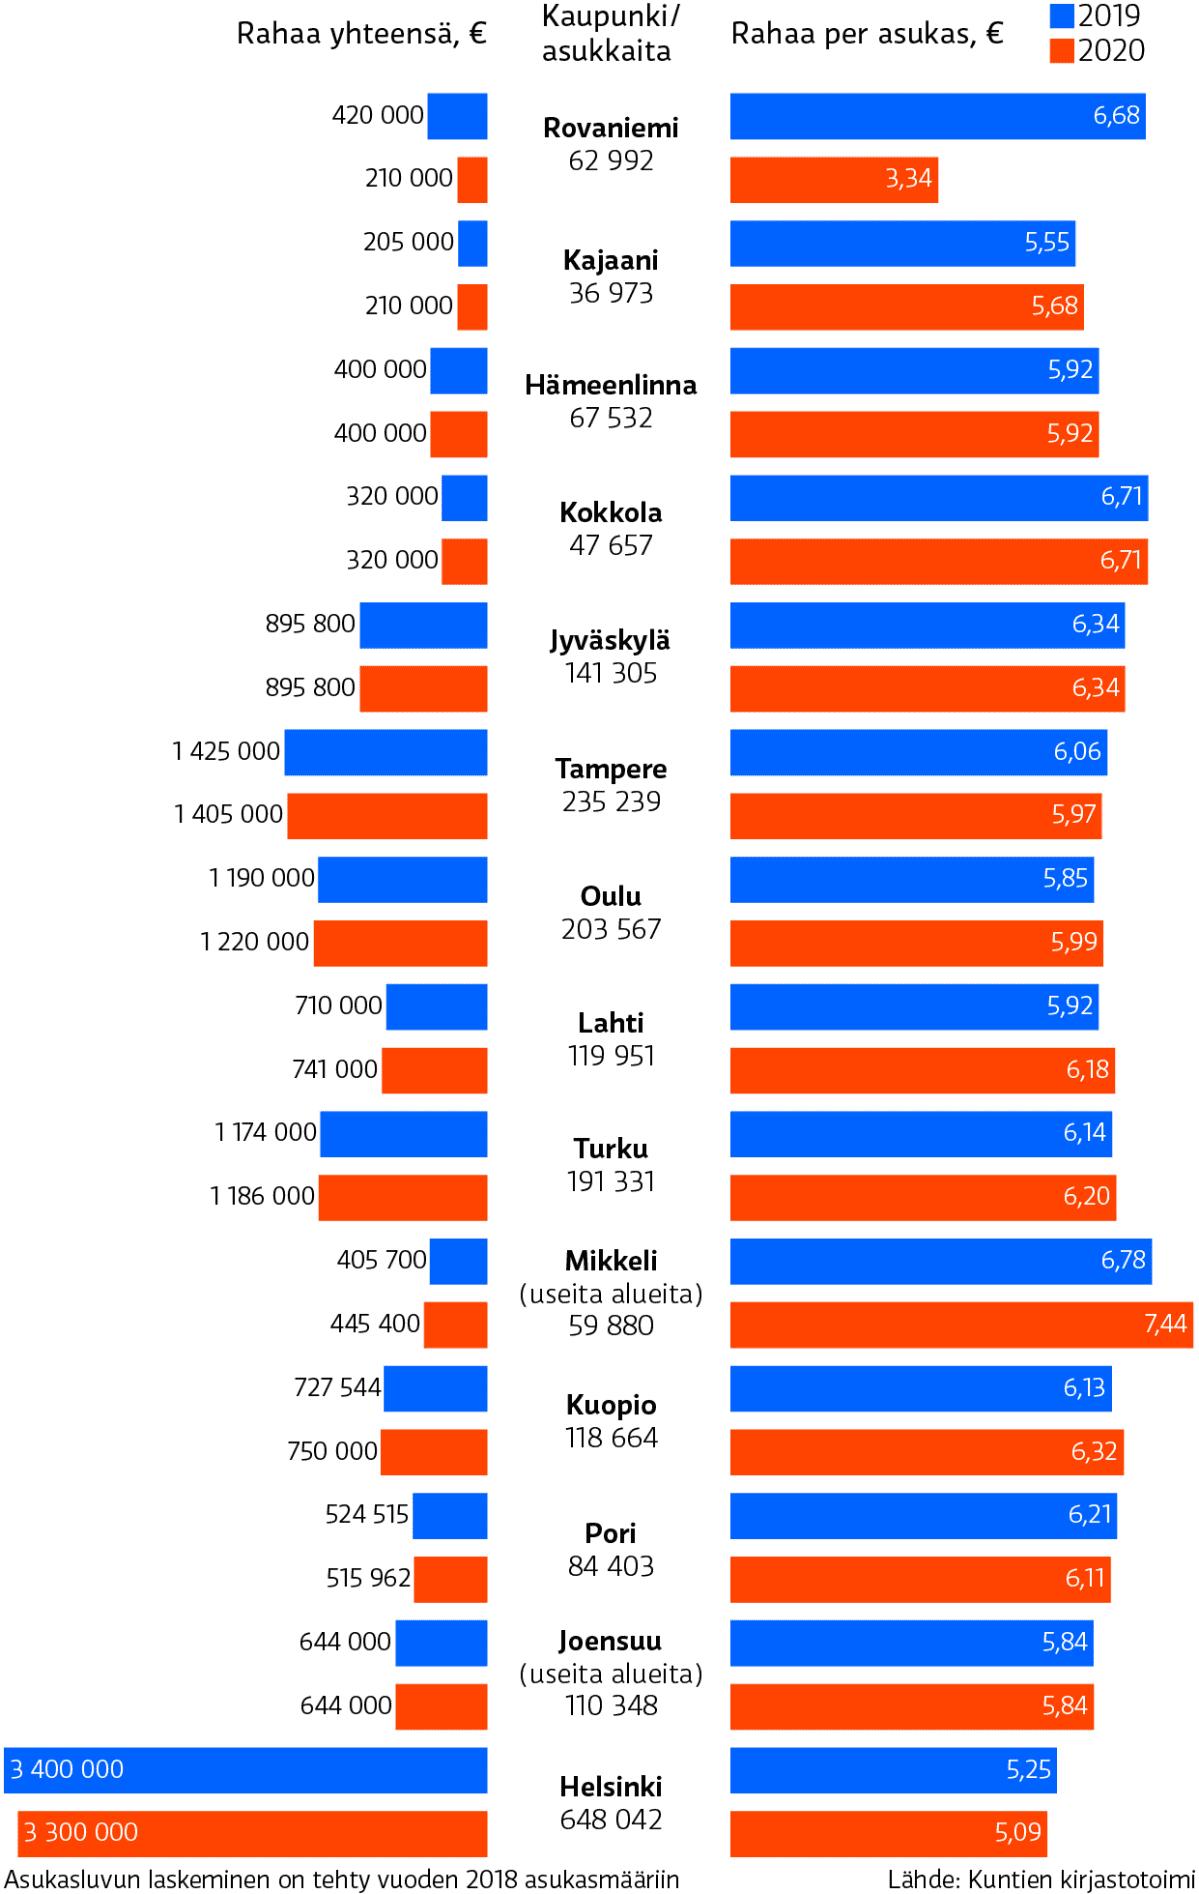 Suurien kaupunkien kirjastojen hankinnat 2019–2020